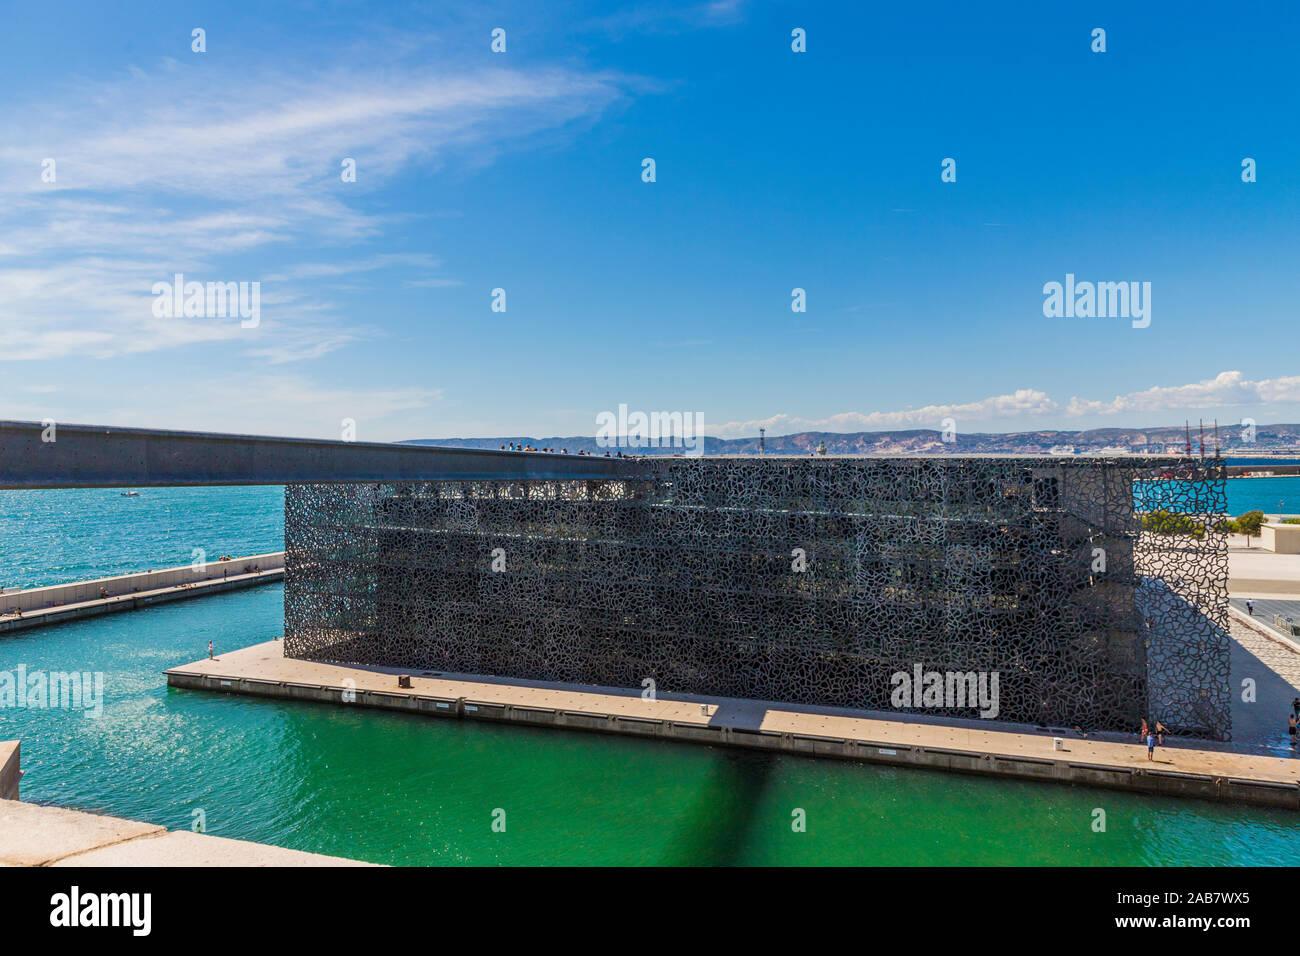 Museo de la civilización europea y mediterránea, Marseille, Bouches du Rhône, Provence, Francia, el Mediterráneo, Europa Foto de stock